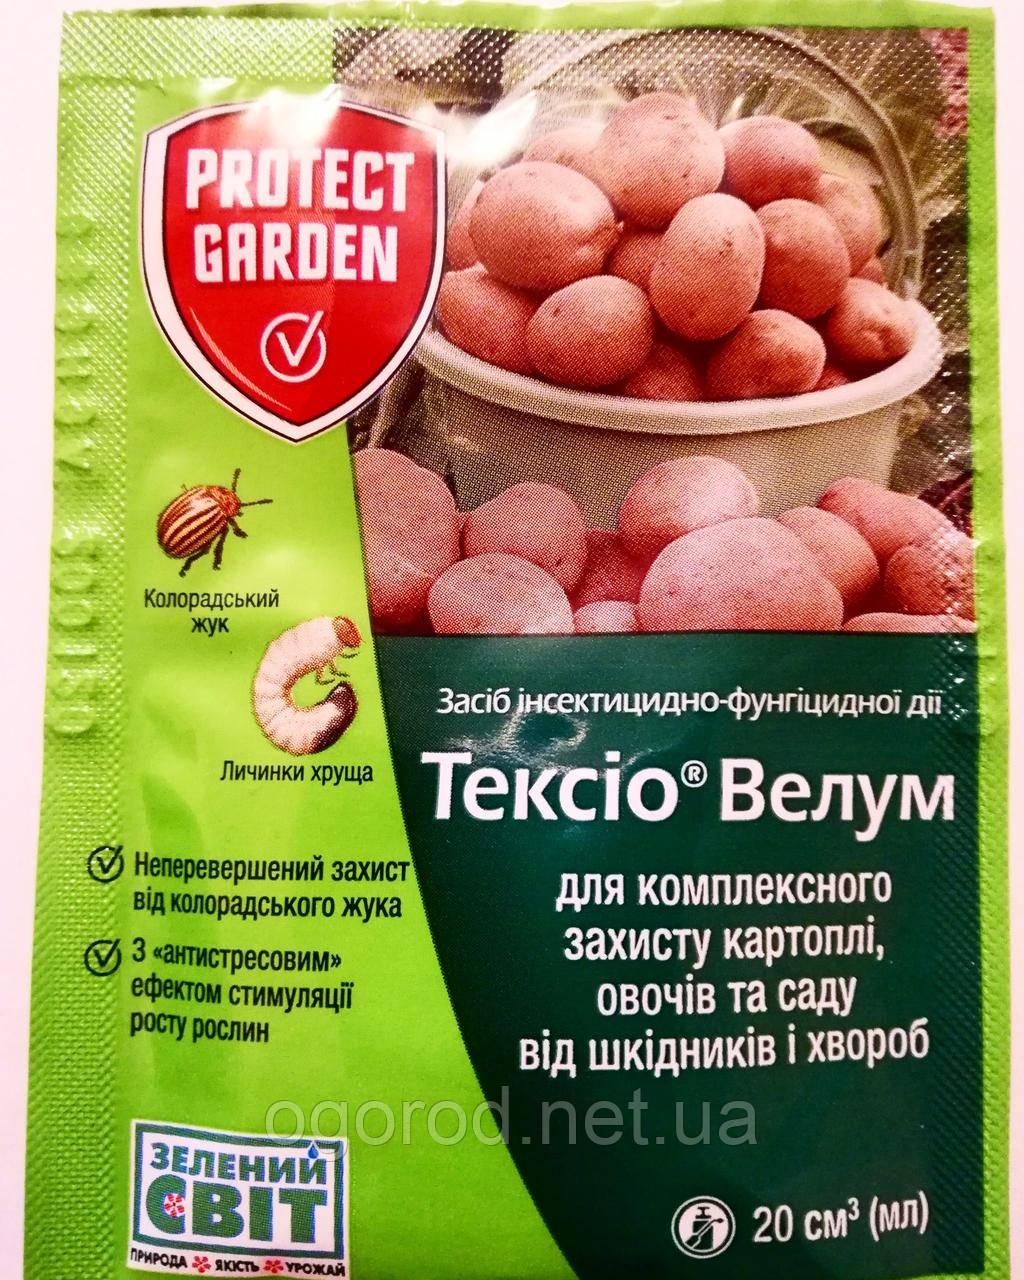 Престиж(Тексио Велум) SBM-Bayer оригинал 20, 60, 500 мл